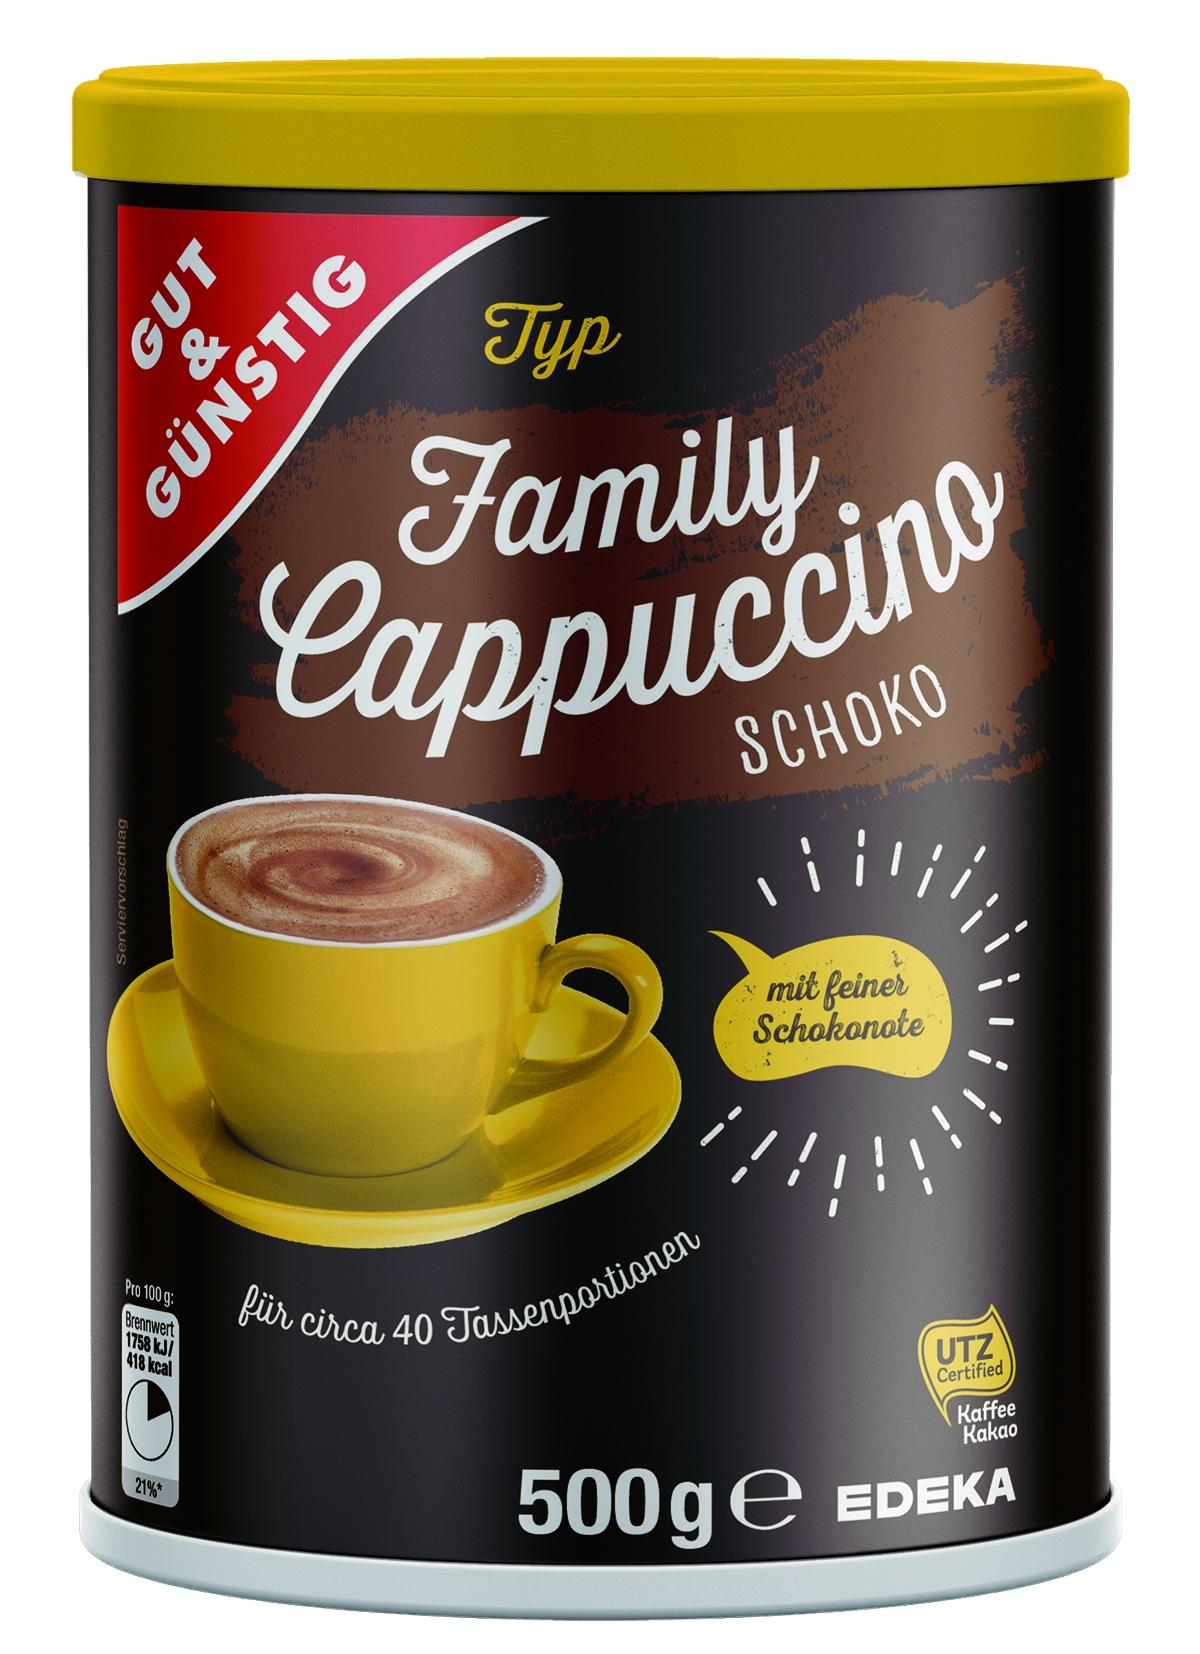 Cappuccino Schokolade